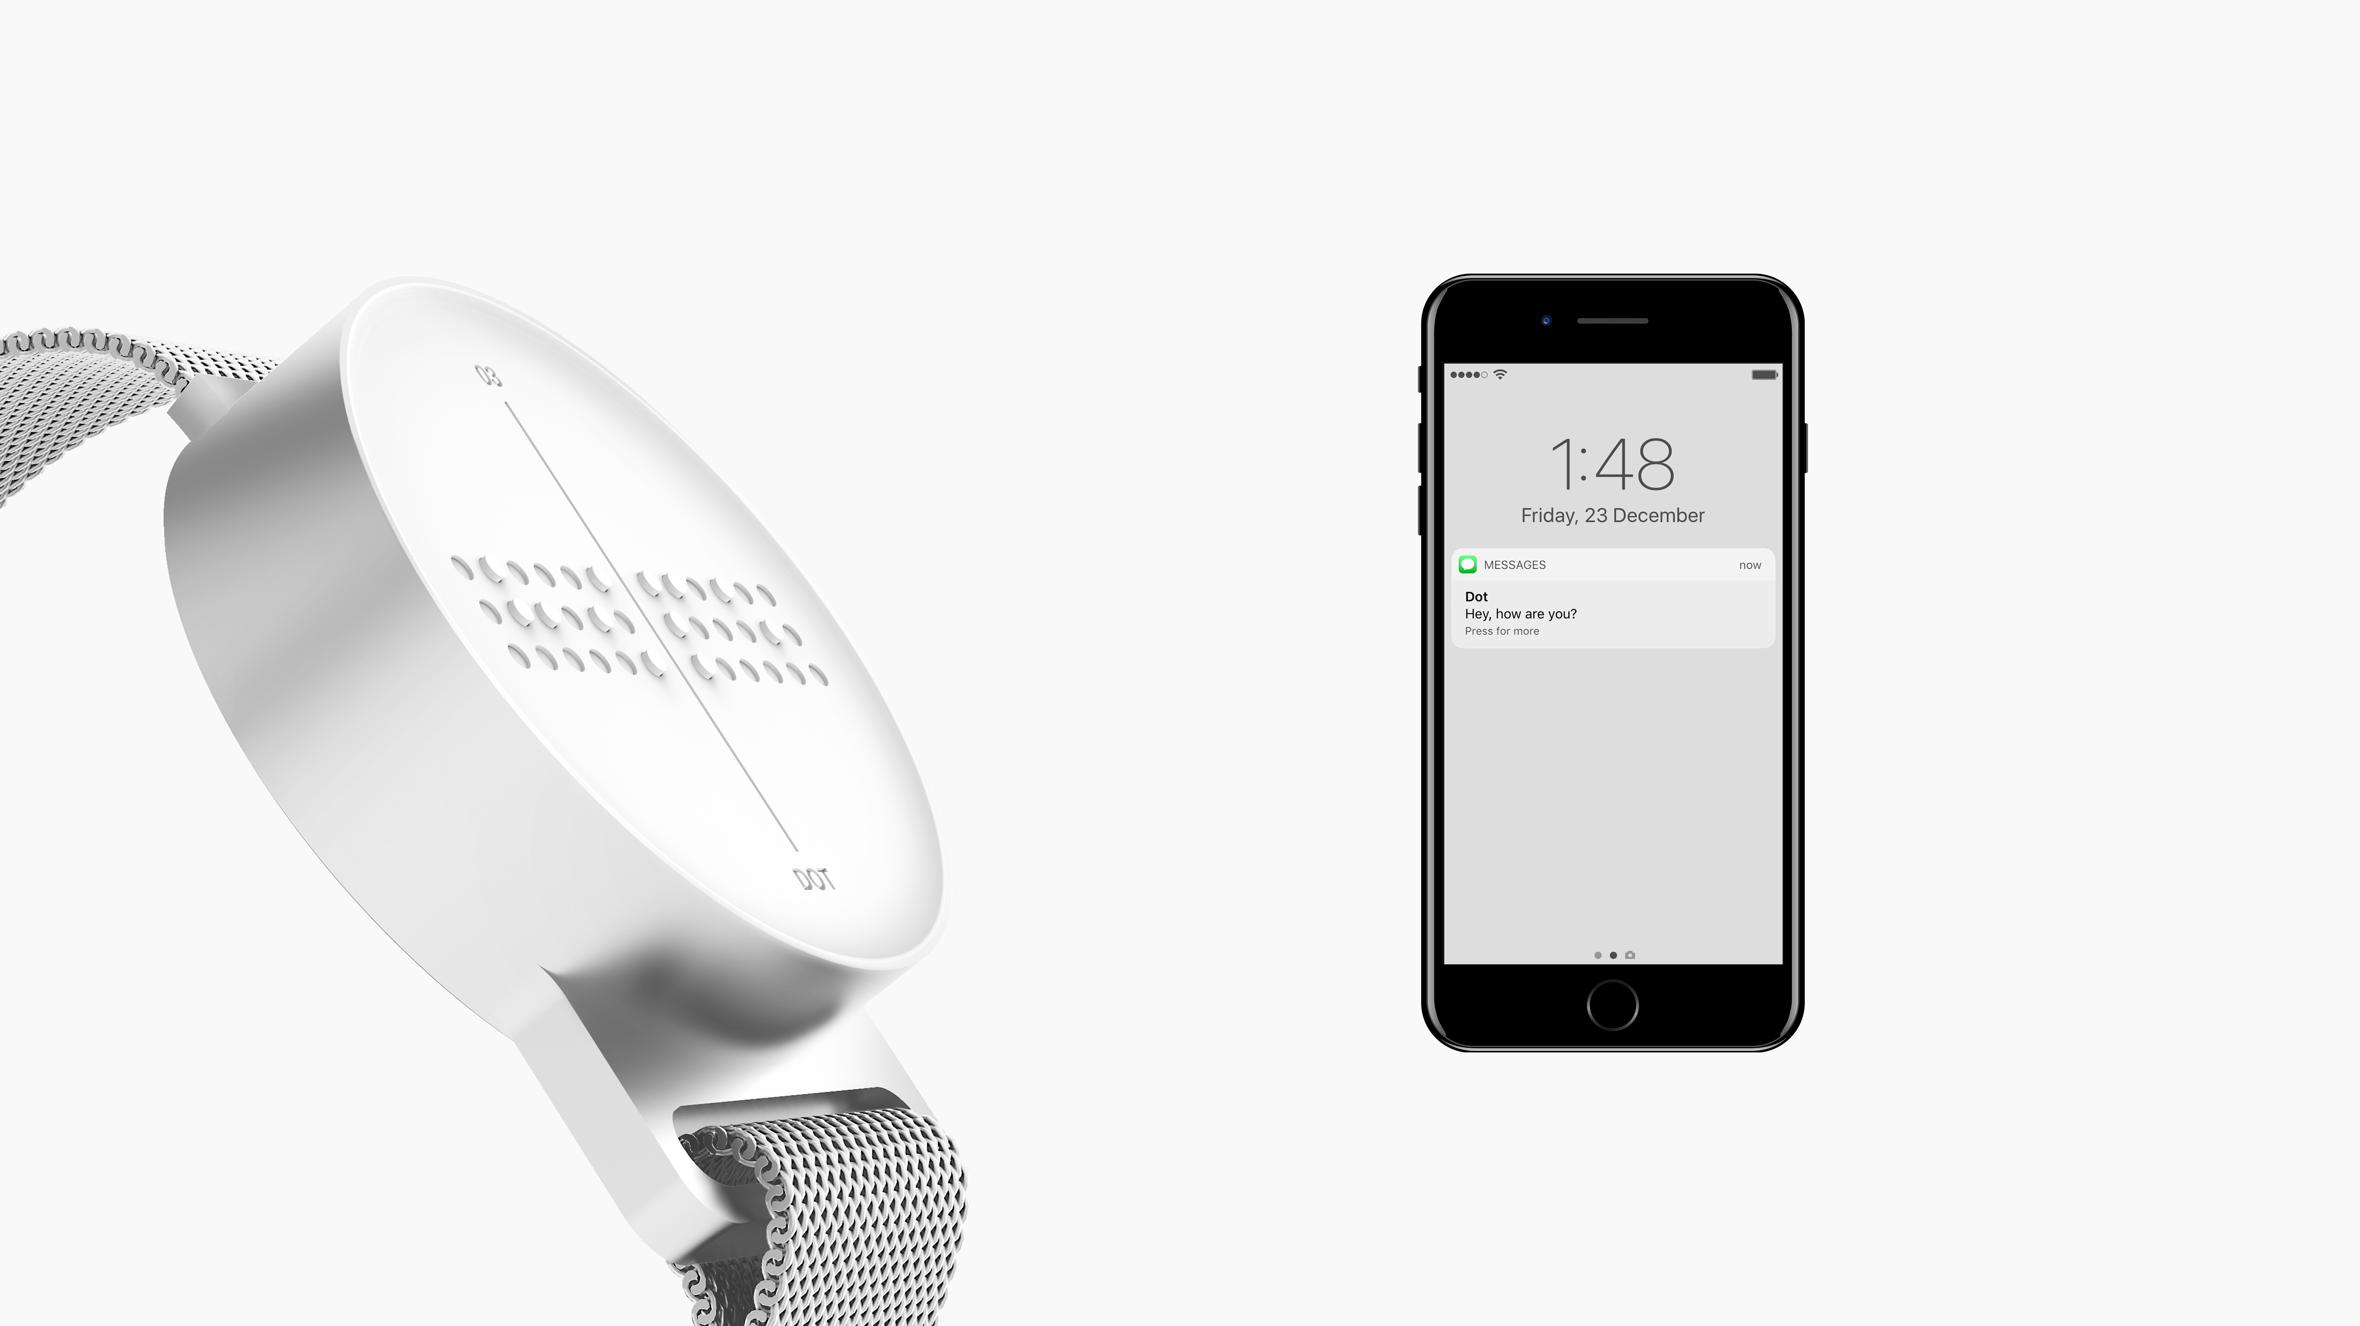 Sol tarafta bir akıllı saat, sağında da bir akıllı telefon görüntüsü